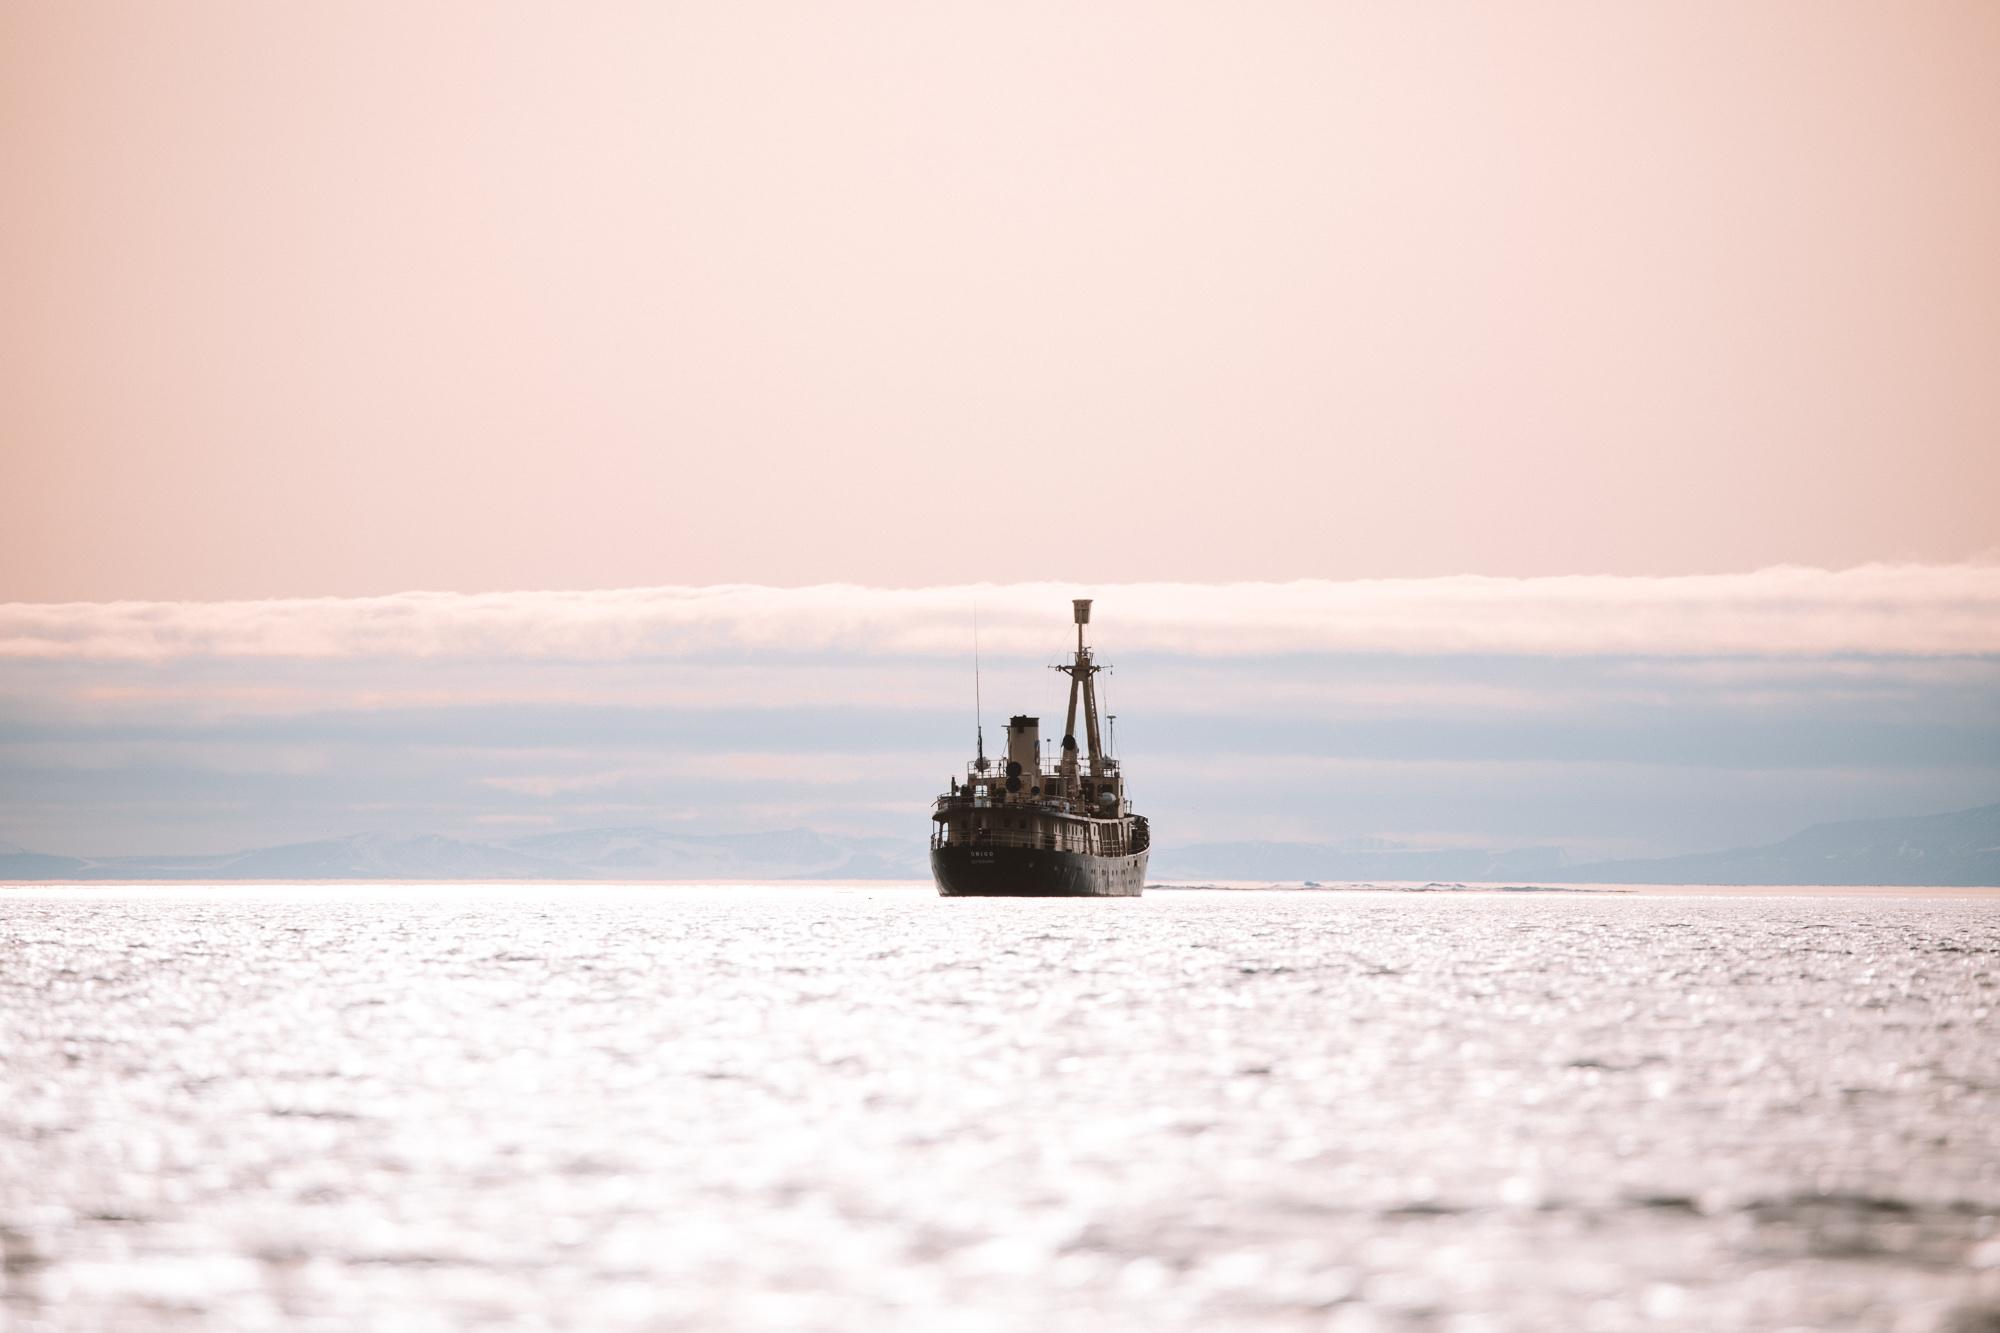 Ship in the midnight sun Spitsbergen, Svalbard, Norway